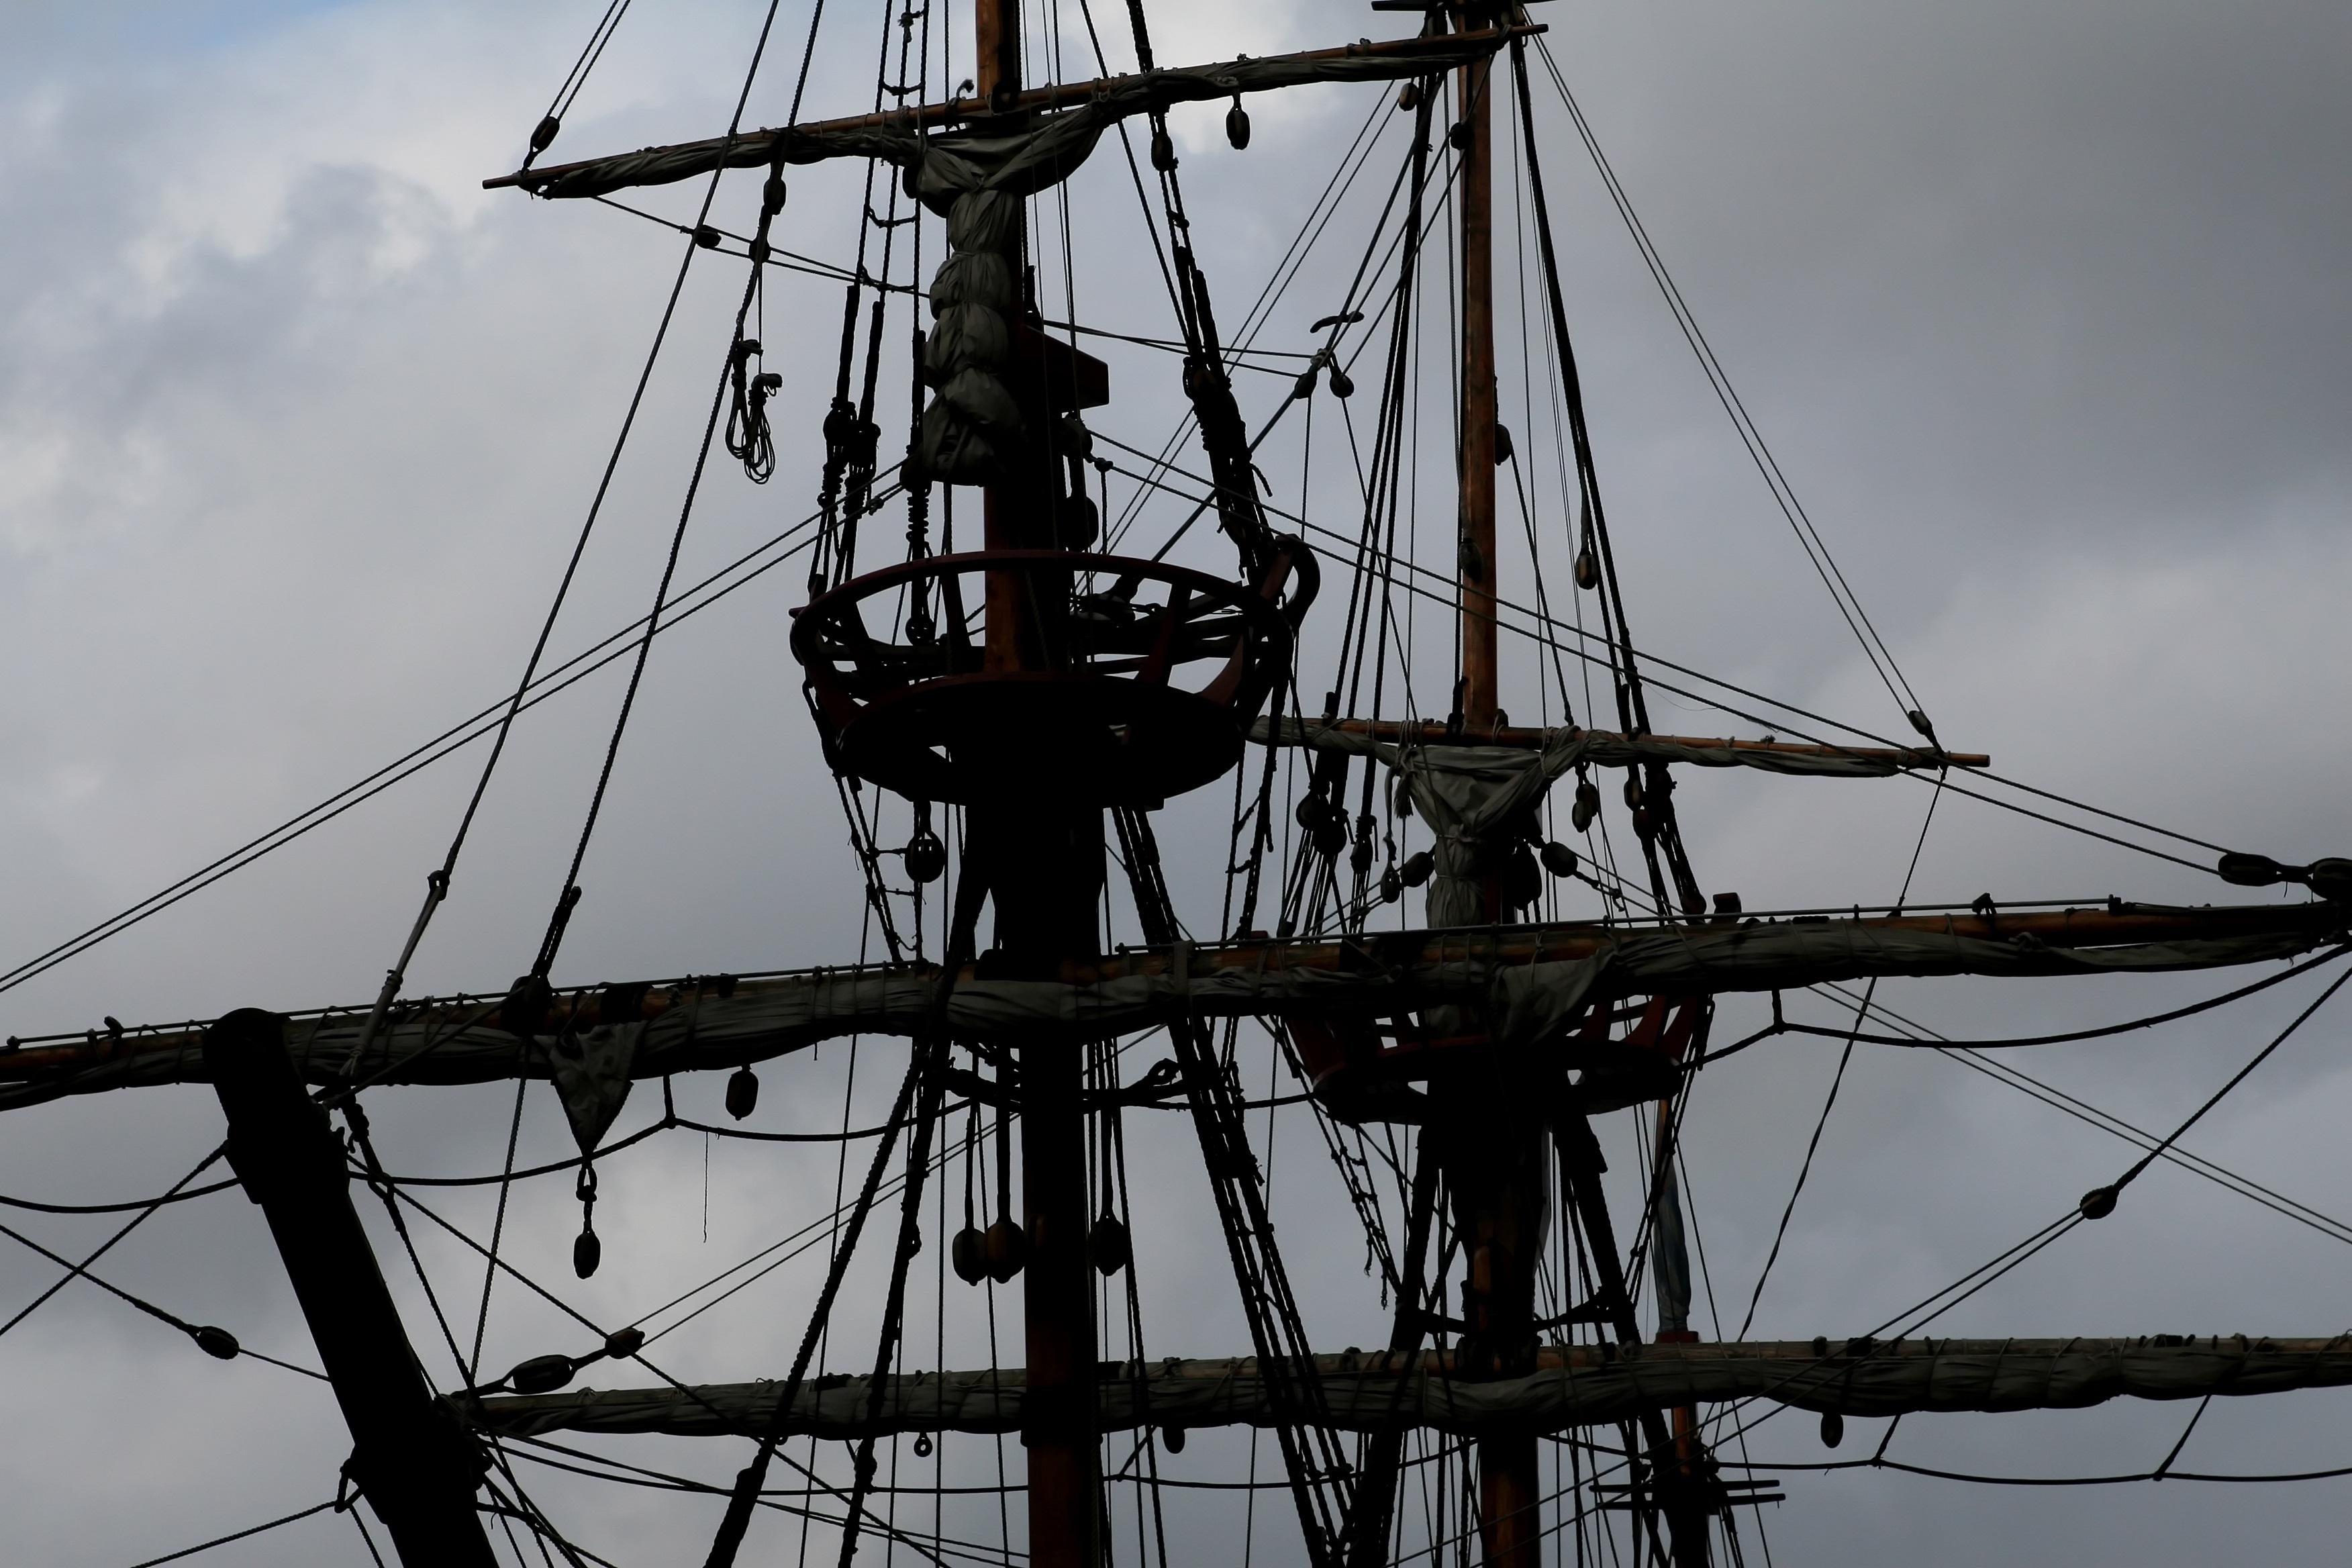 Ship, Boat, Cloud, Cloudy, Cruise, HQ Photo